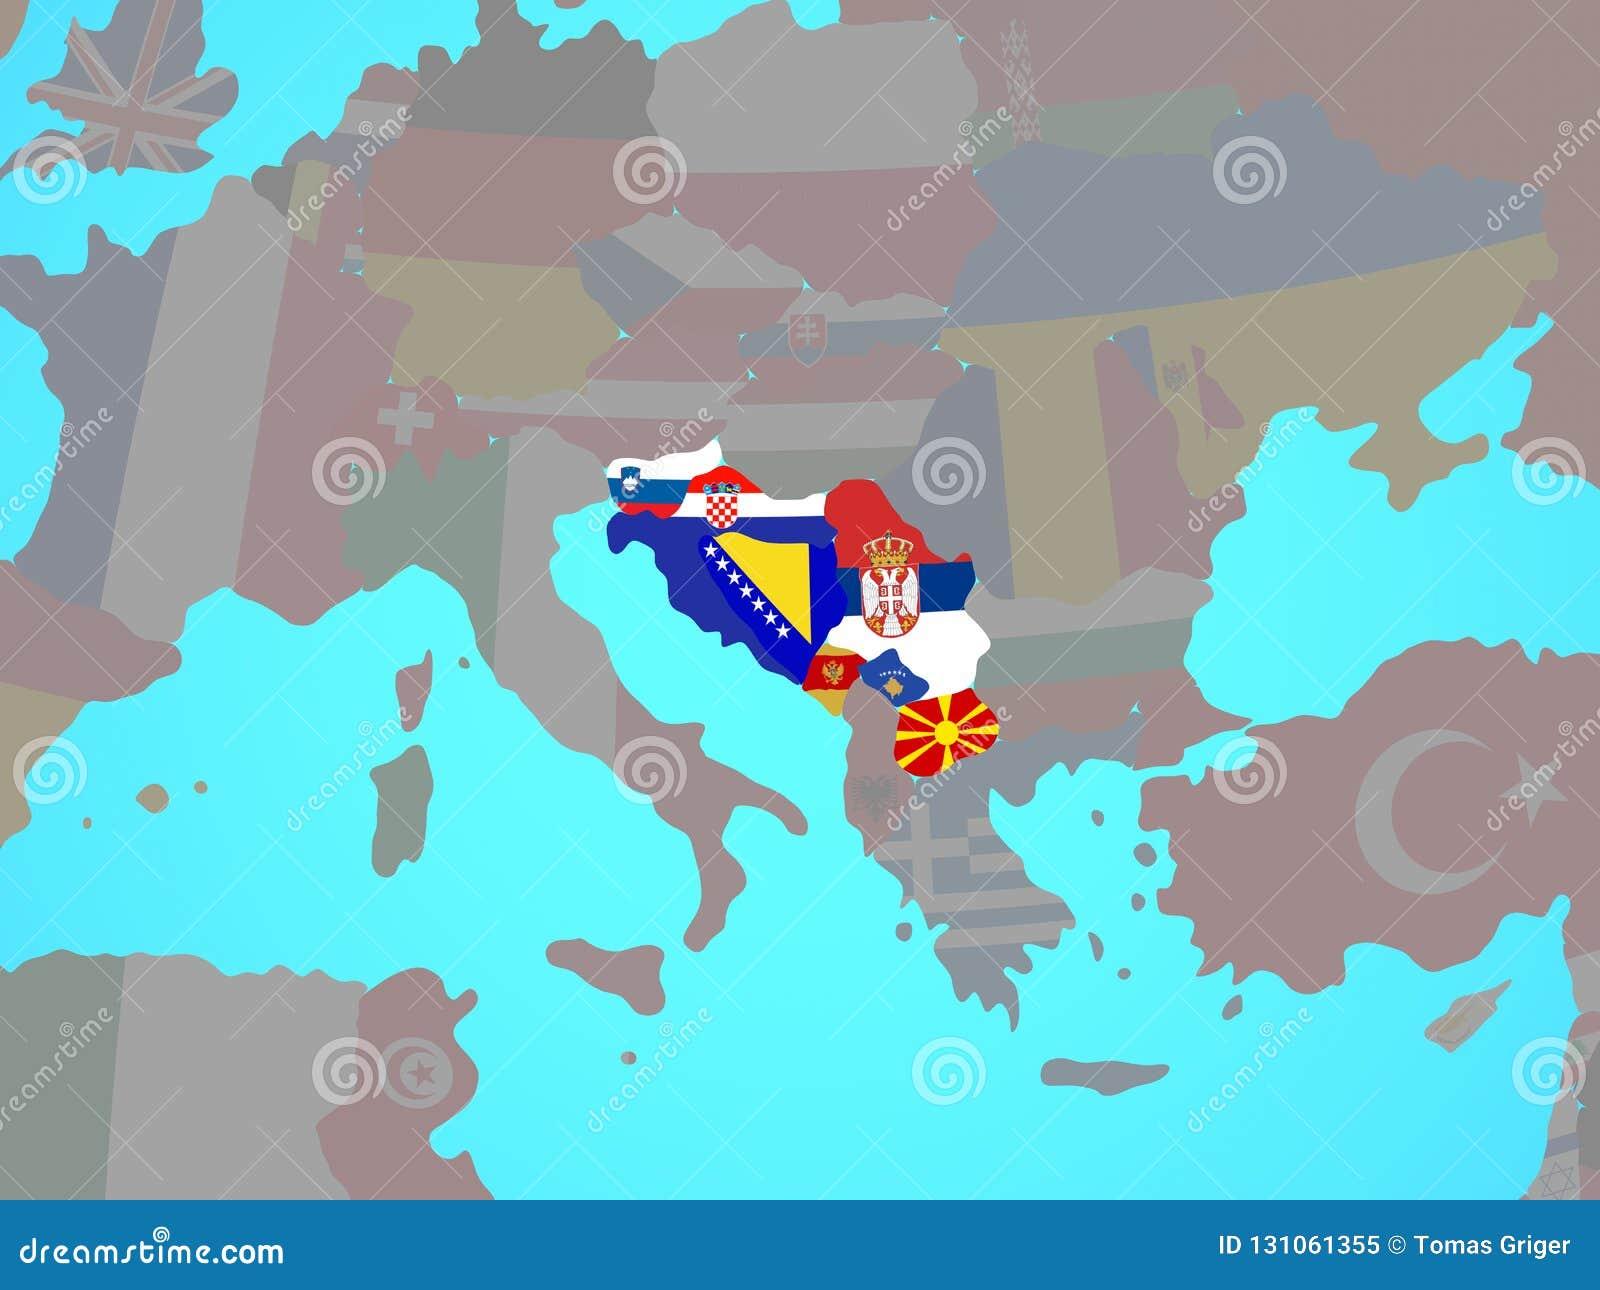 Carte Yougoslavie 2019.Ex Yougoslavie Avec Des Drapeaux Sur La Carte Illustration